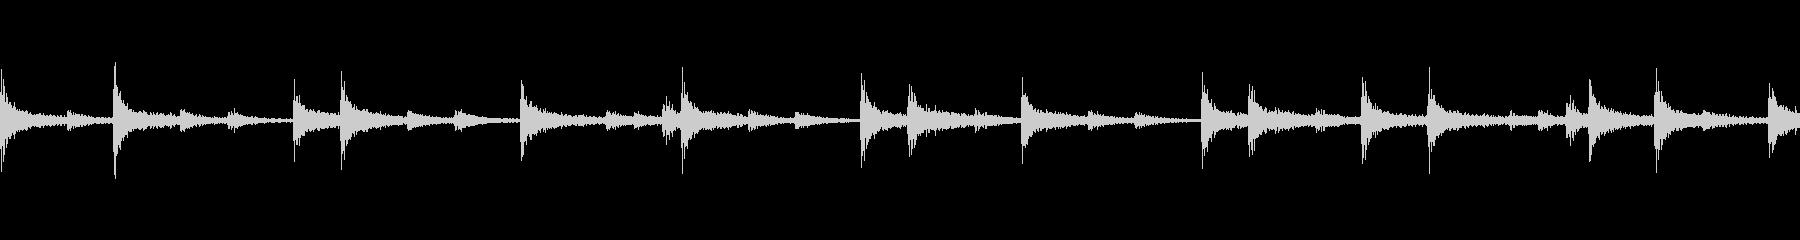 スネア軽快ファンクフレーズ(ループ可)の未再生の波形